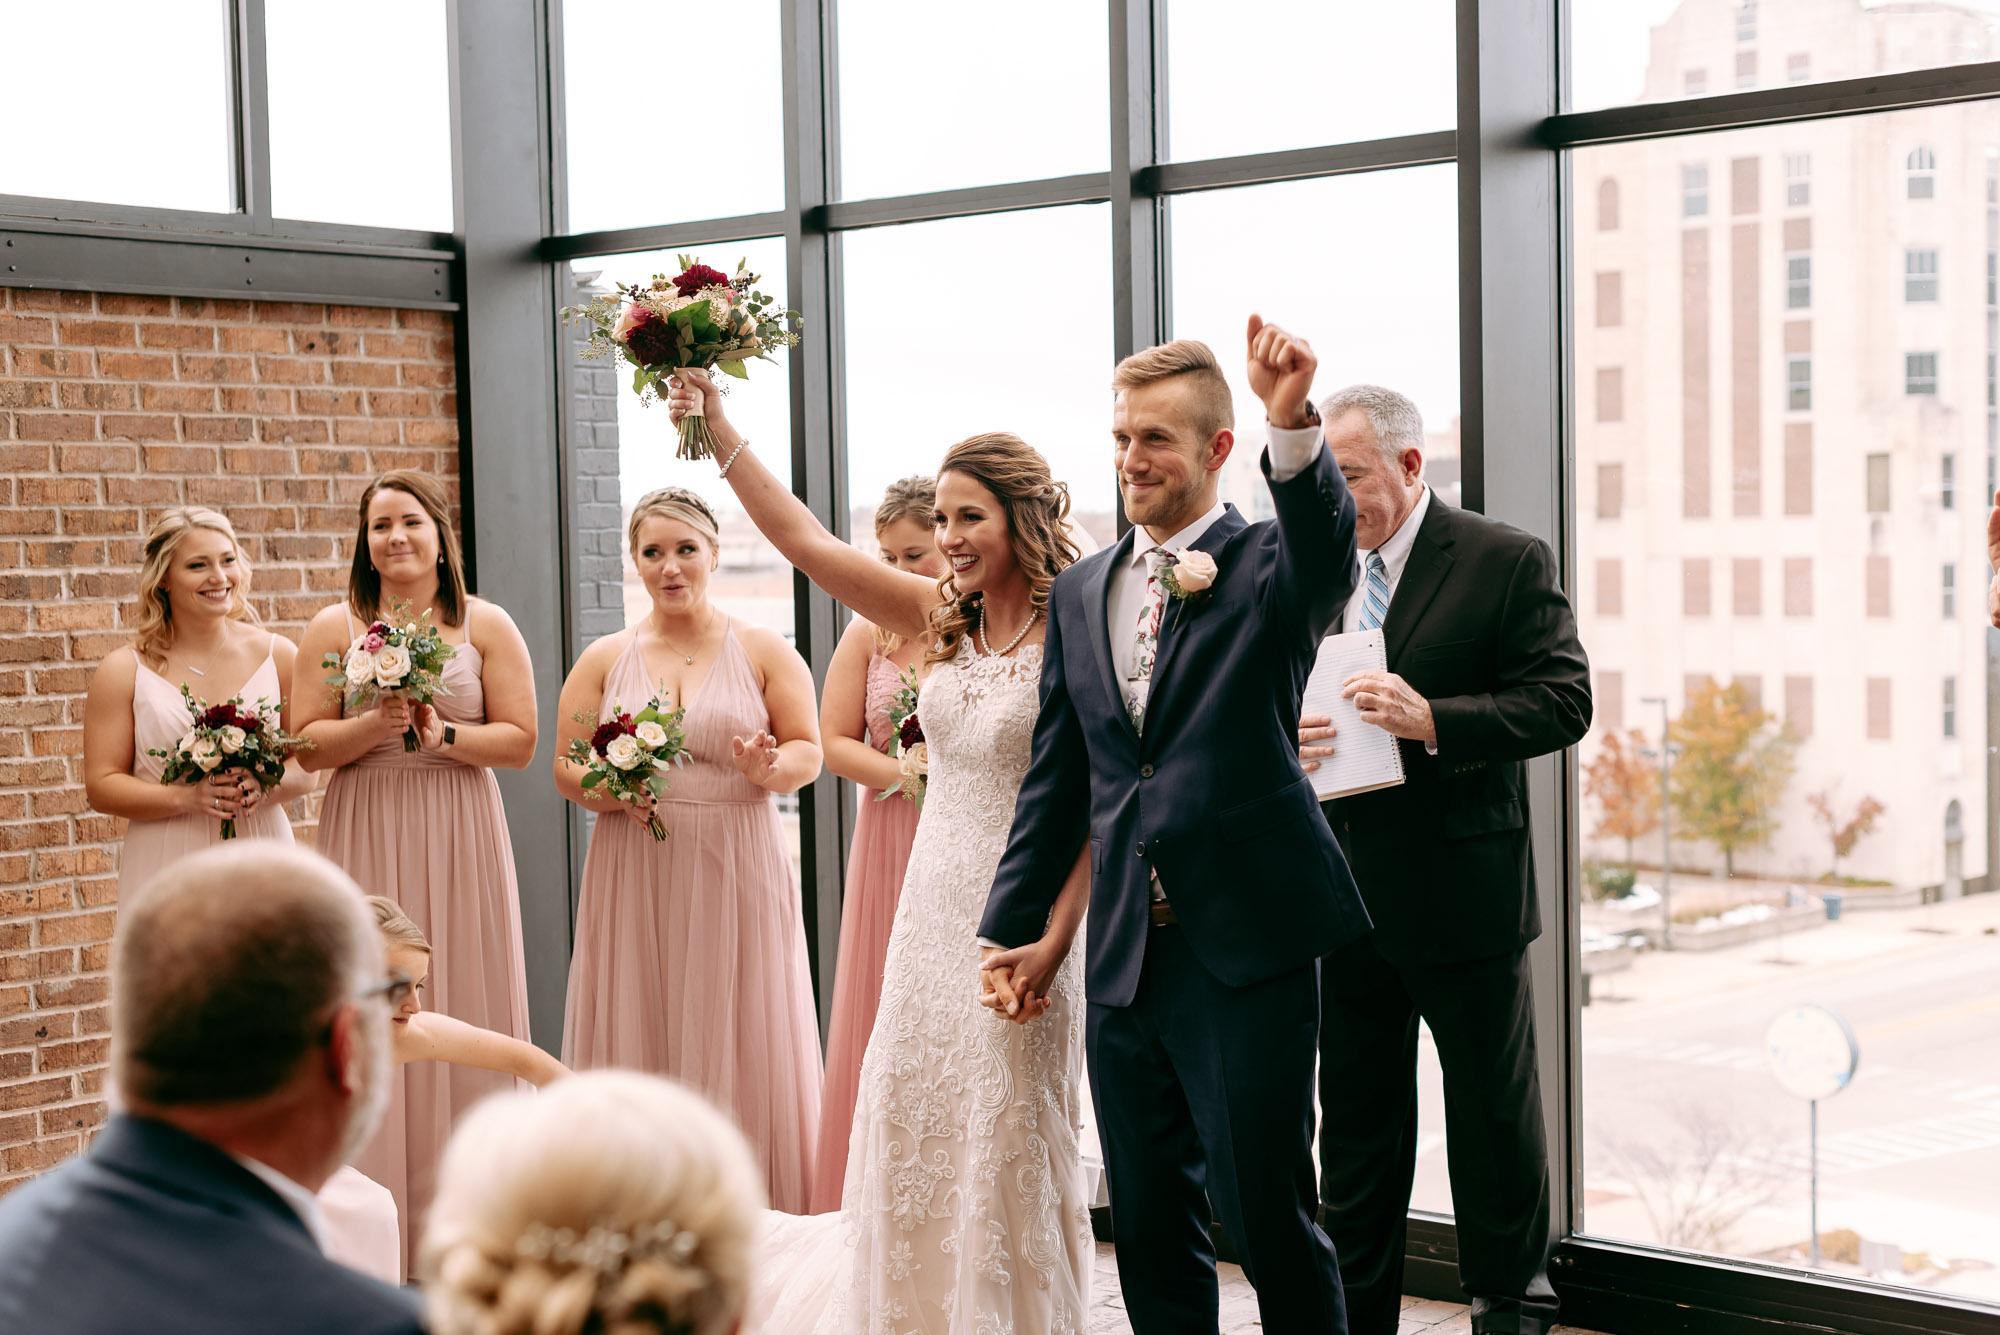 the-standard-rockford-il-wedding-photos-157.jpg